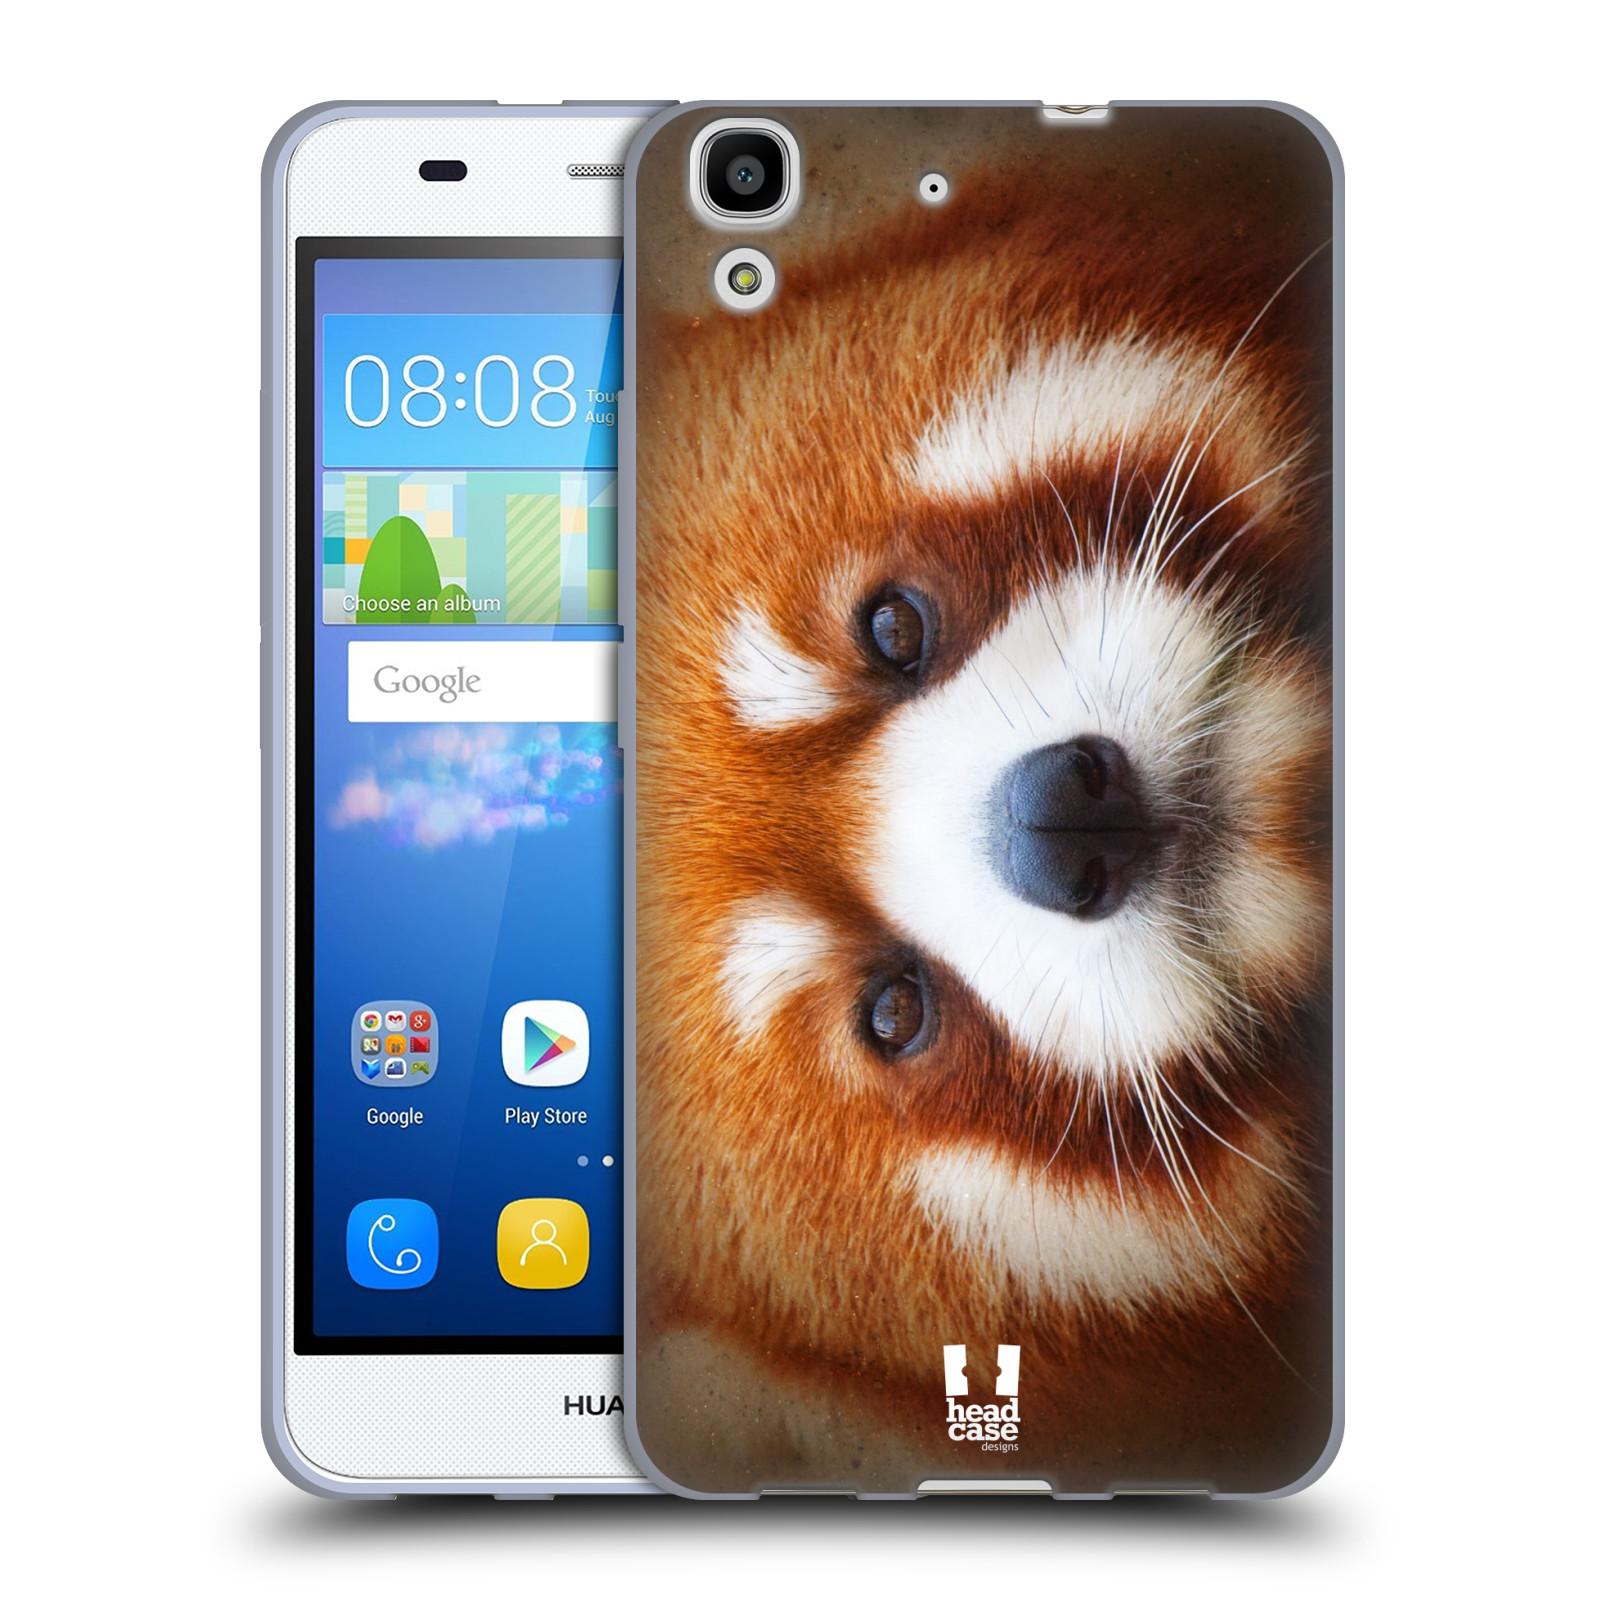 HEAD CASE silikonový obal na mobil HUAWEI Y6 vzor Zvířecí tváře 2 medvěd panda rudá